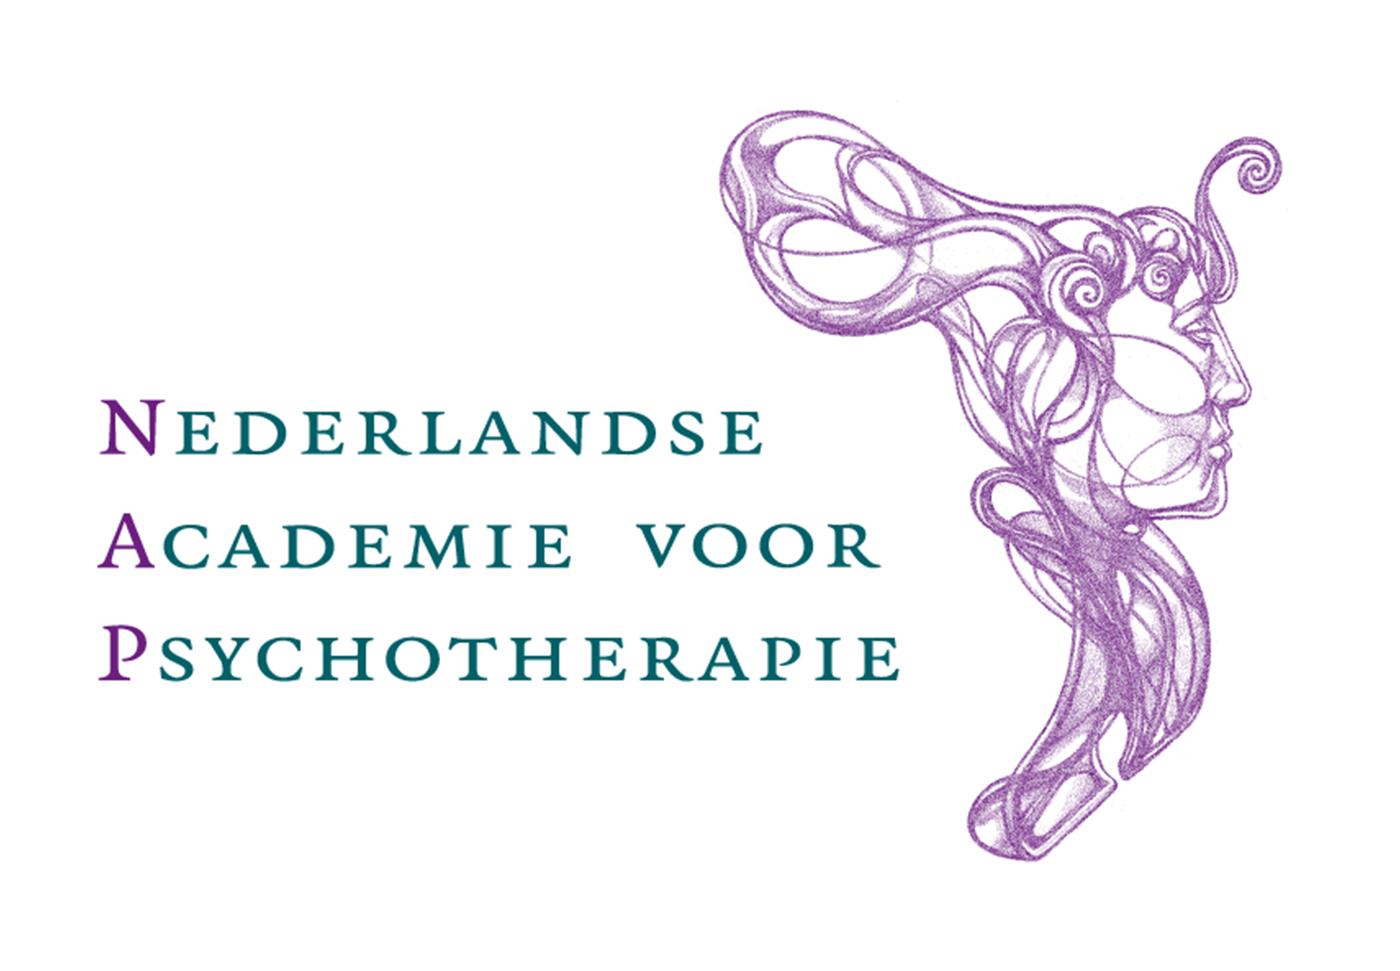 De nederlandse academie voor psychotherapie